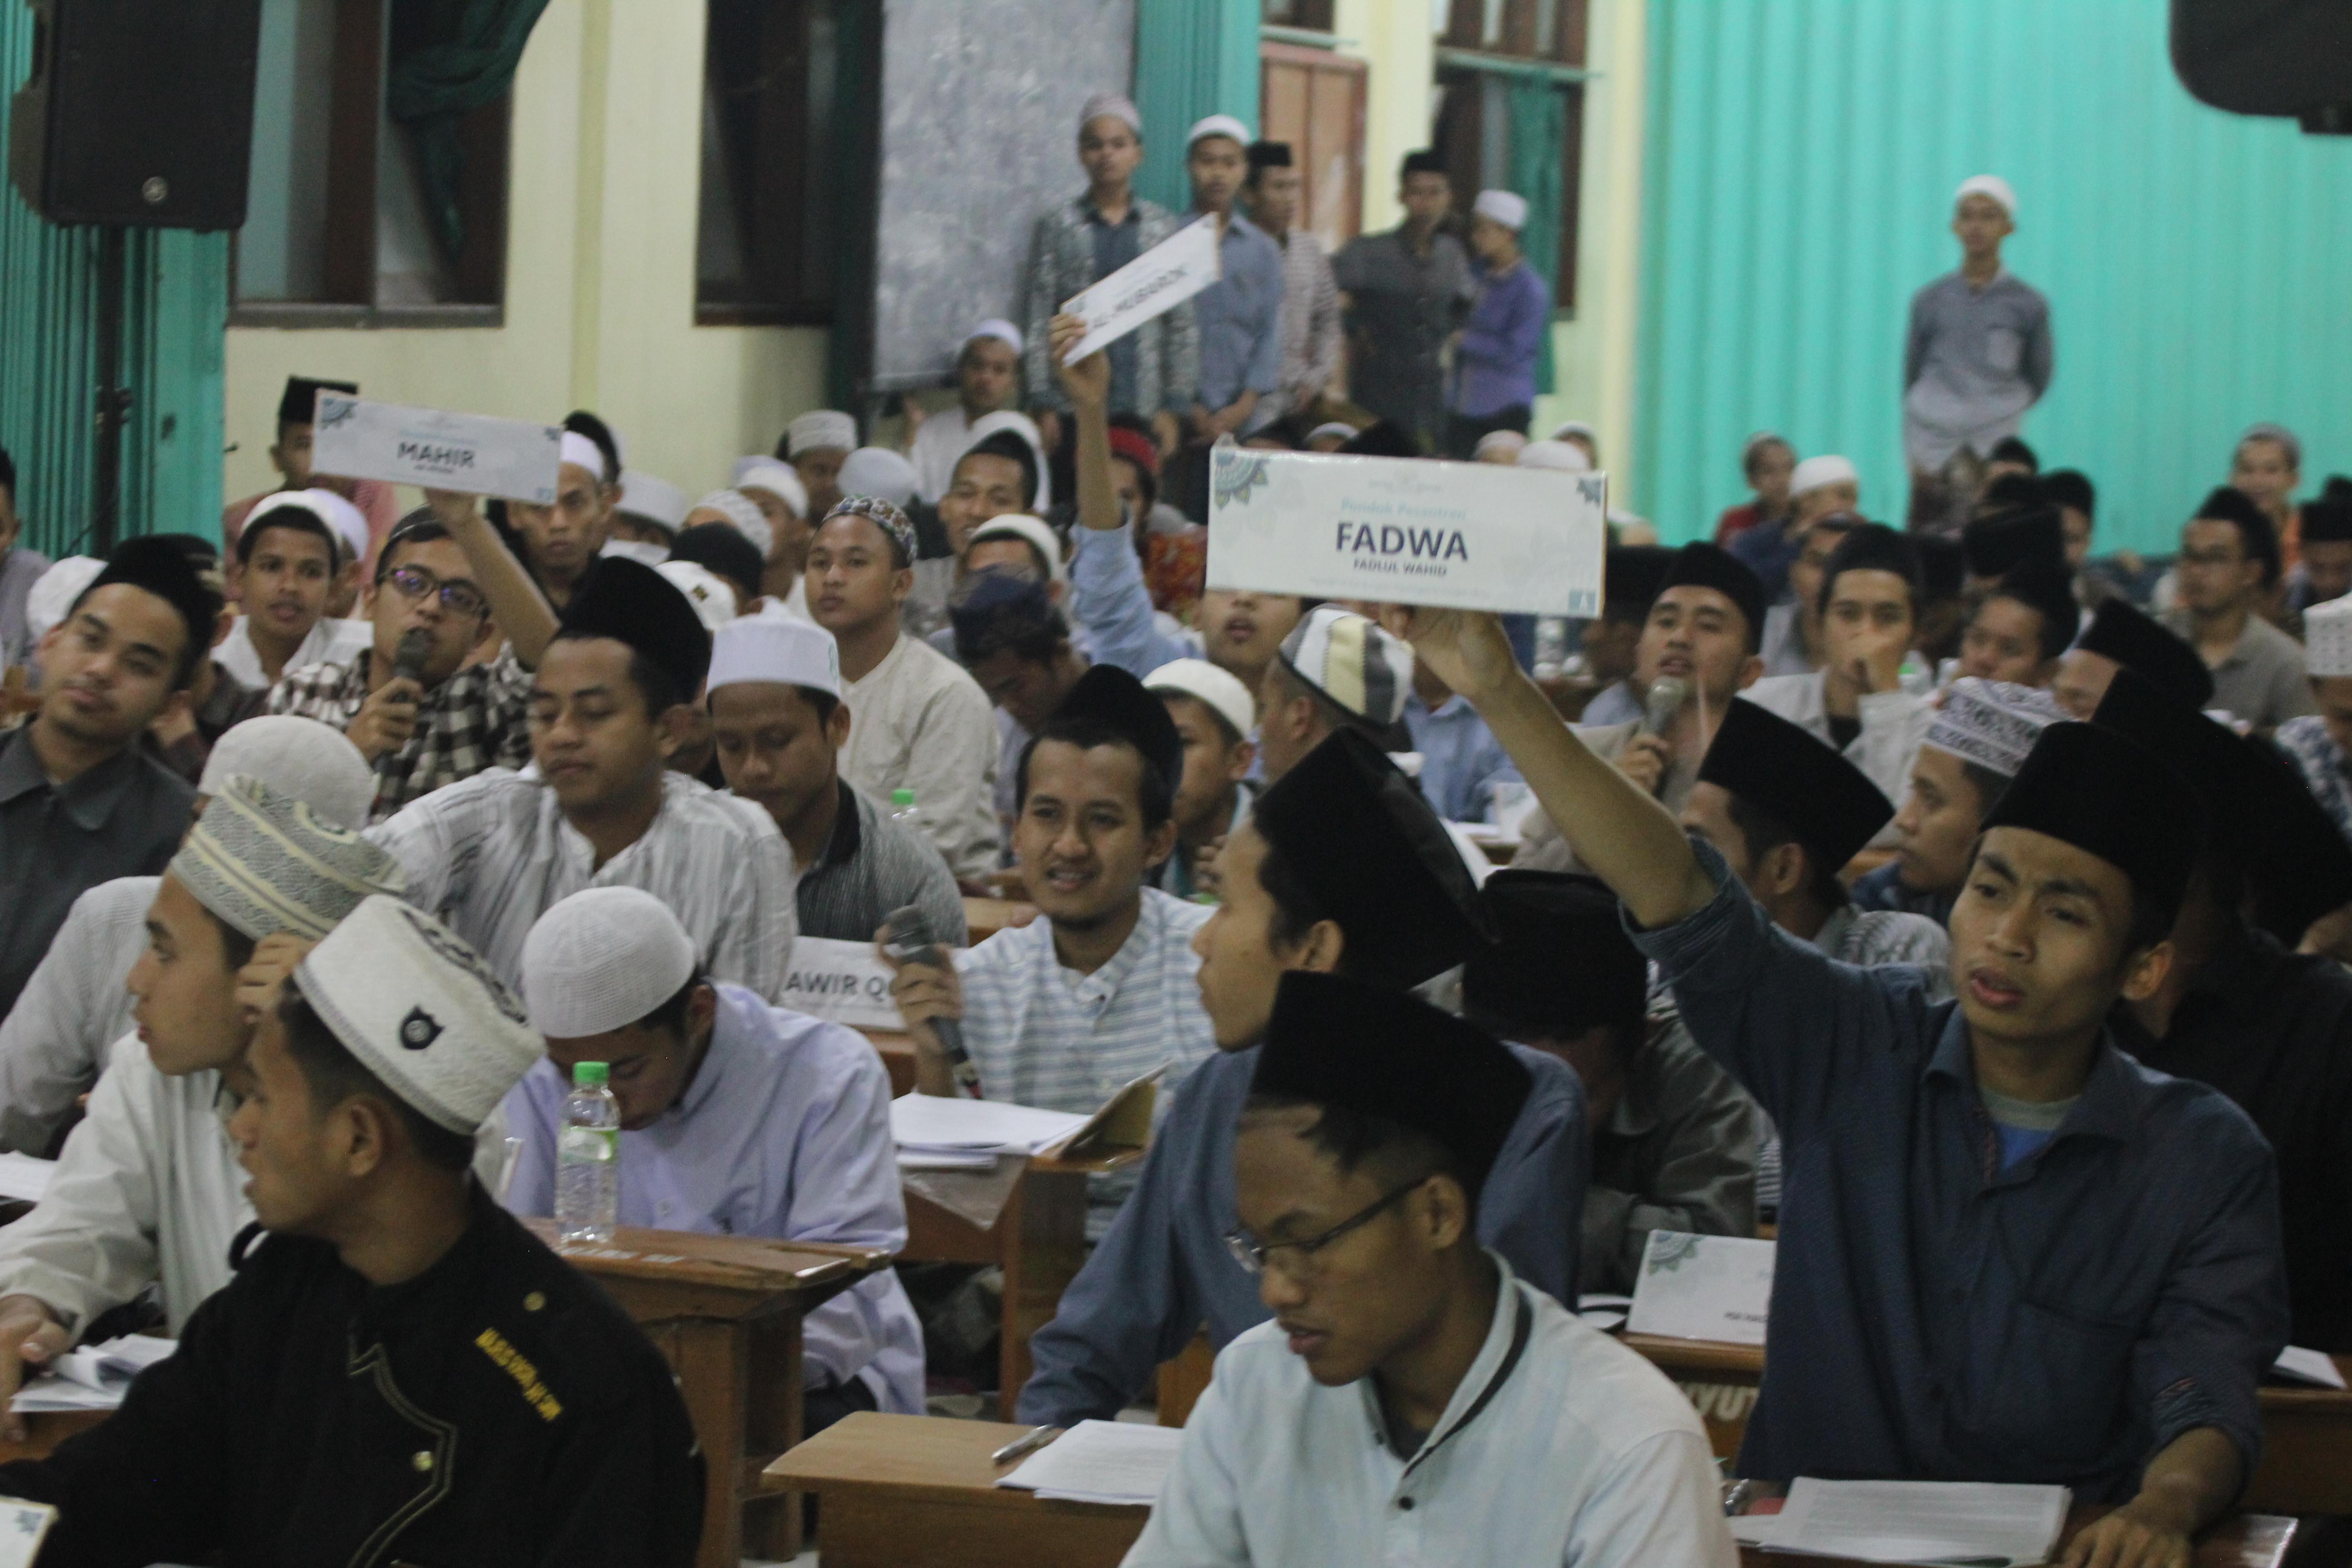 selain yaumiyah, Kuliah Syariah juga akan mengadakan event tahunan, yakni Bahtsul Masa'il